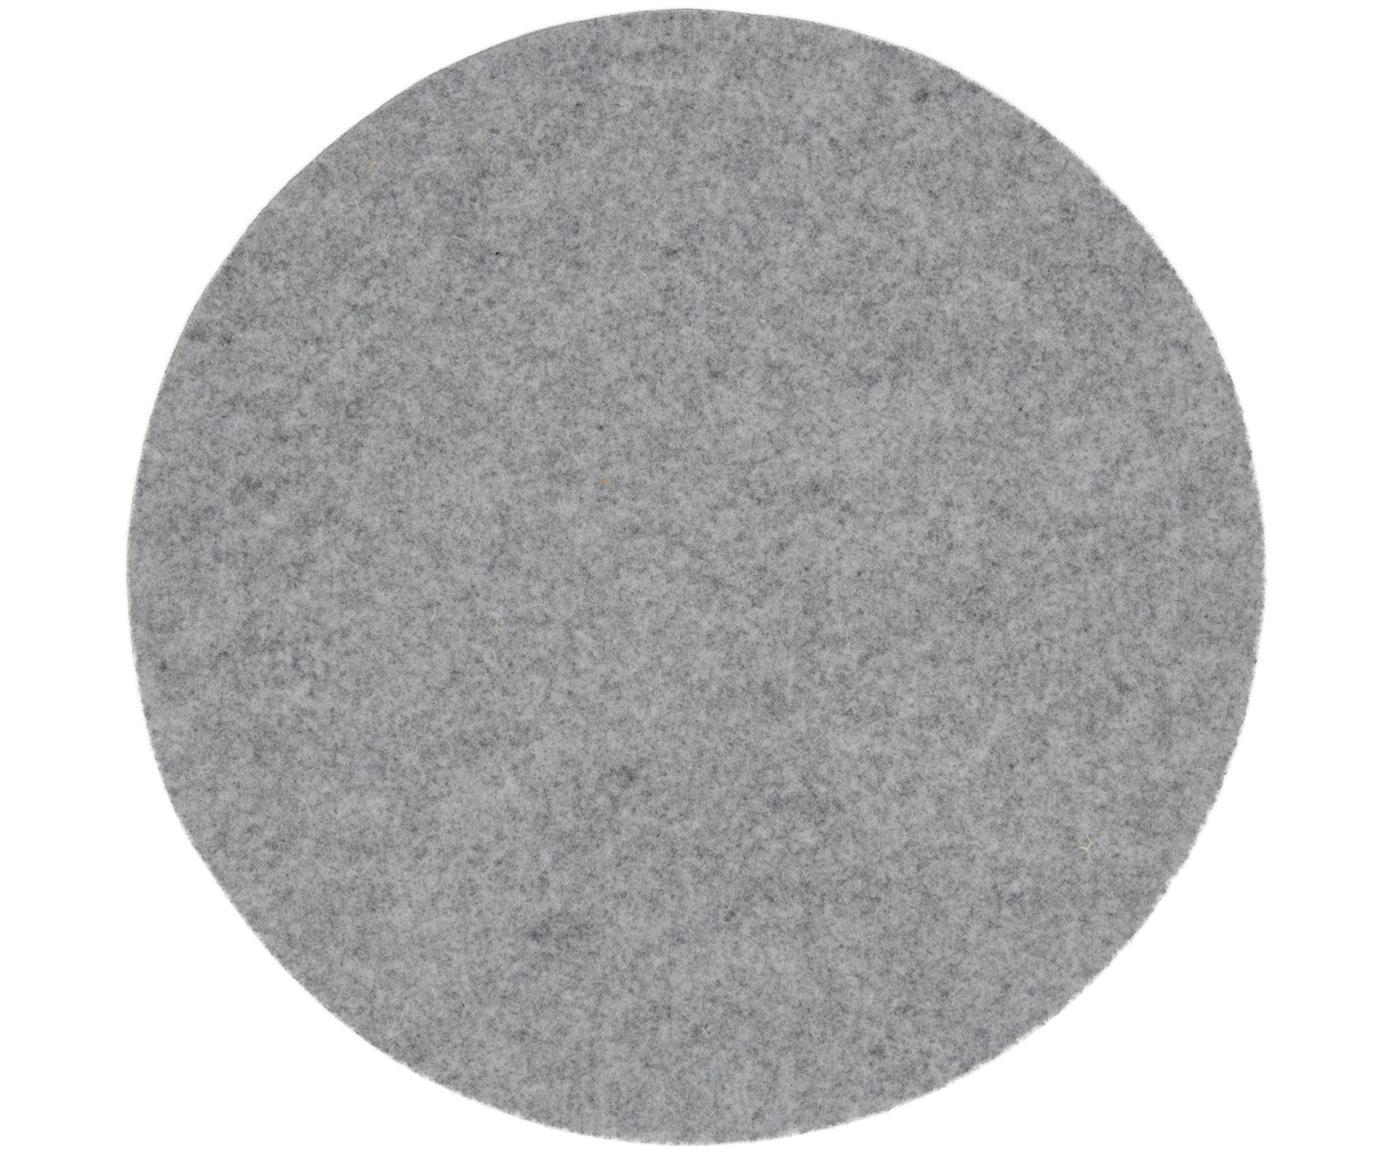 Runde Wollfilz-Tischsets Leandra, 4 Stück, 90% Wolle, 10% Polyethylen, Hellgrau, Ø 40 cm